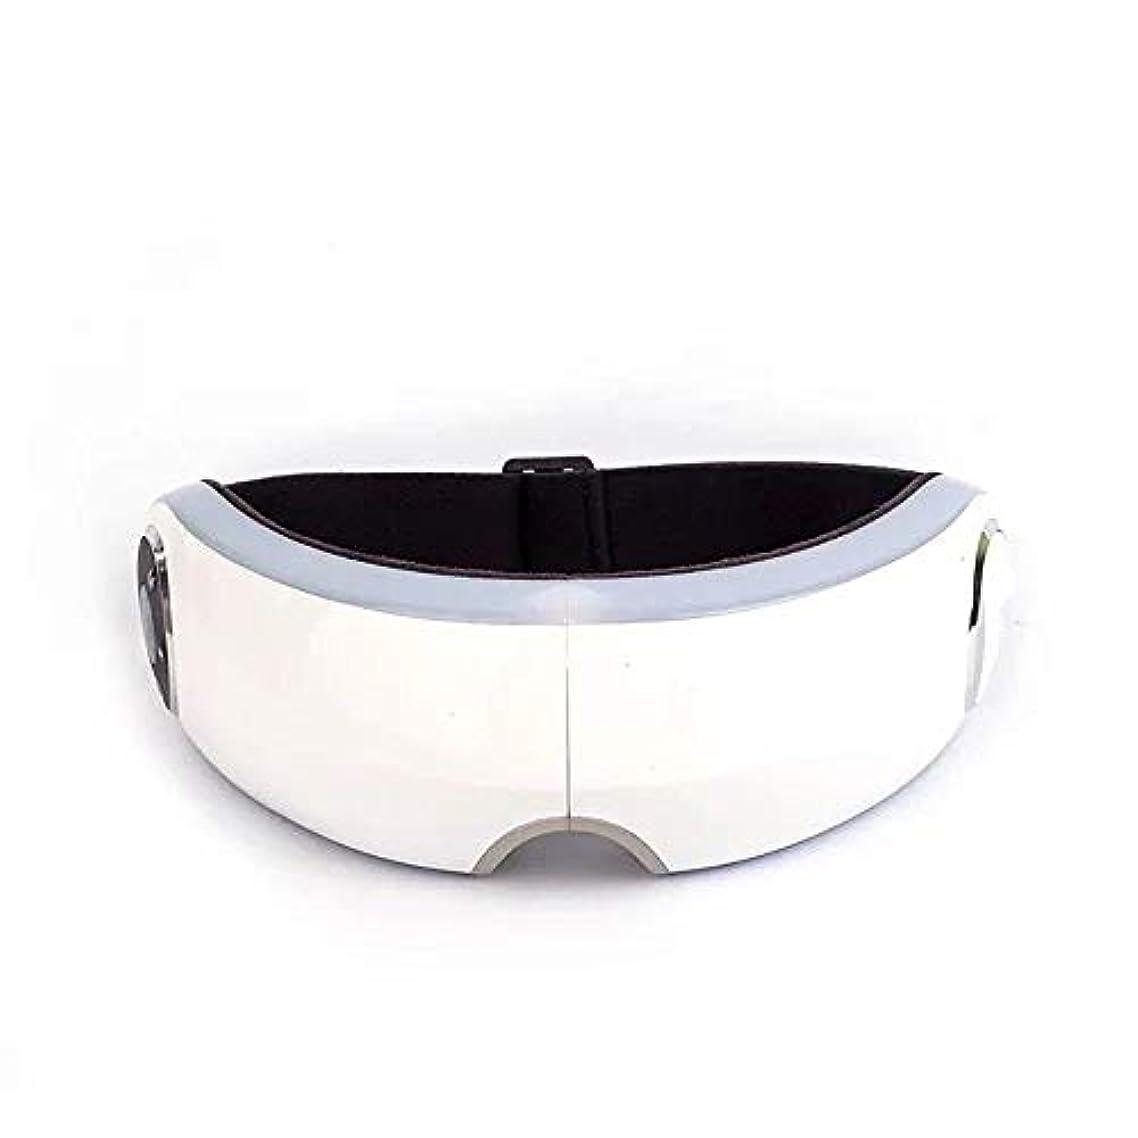 犯人予約大使館Gf 女性のファッションアイマッサージャー充電式アイプロテクタービジョントレーナー高品質アイプロテクタースマートマッサージャー 購入へようこそ